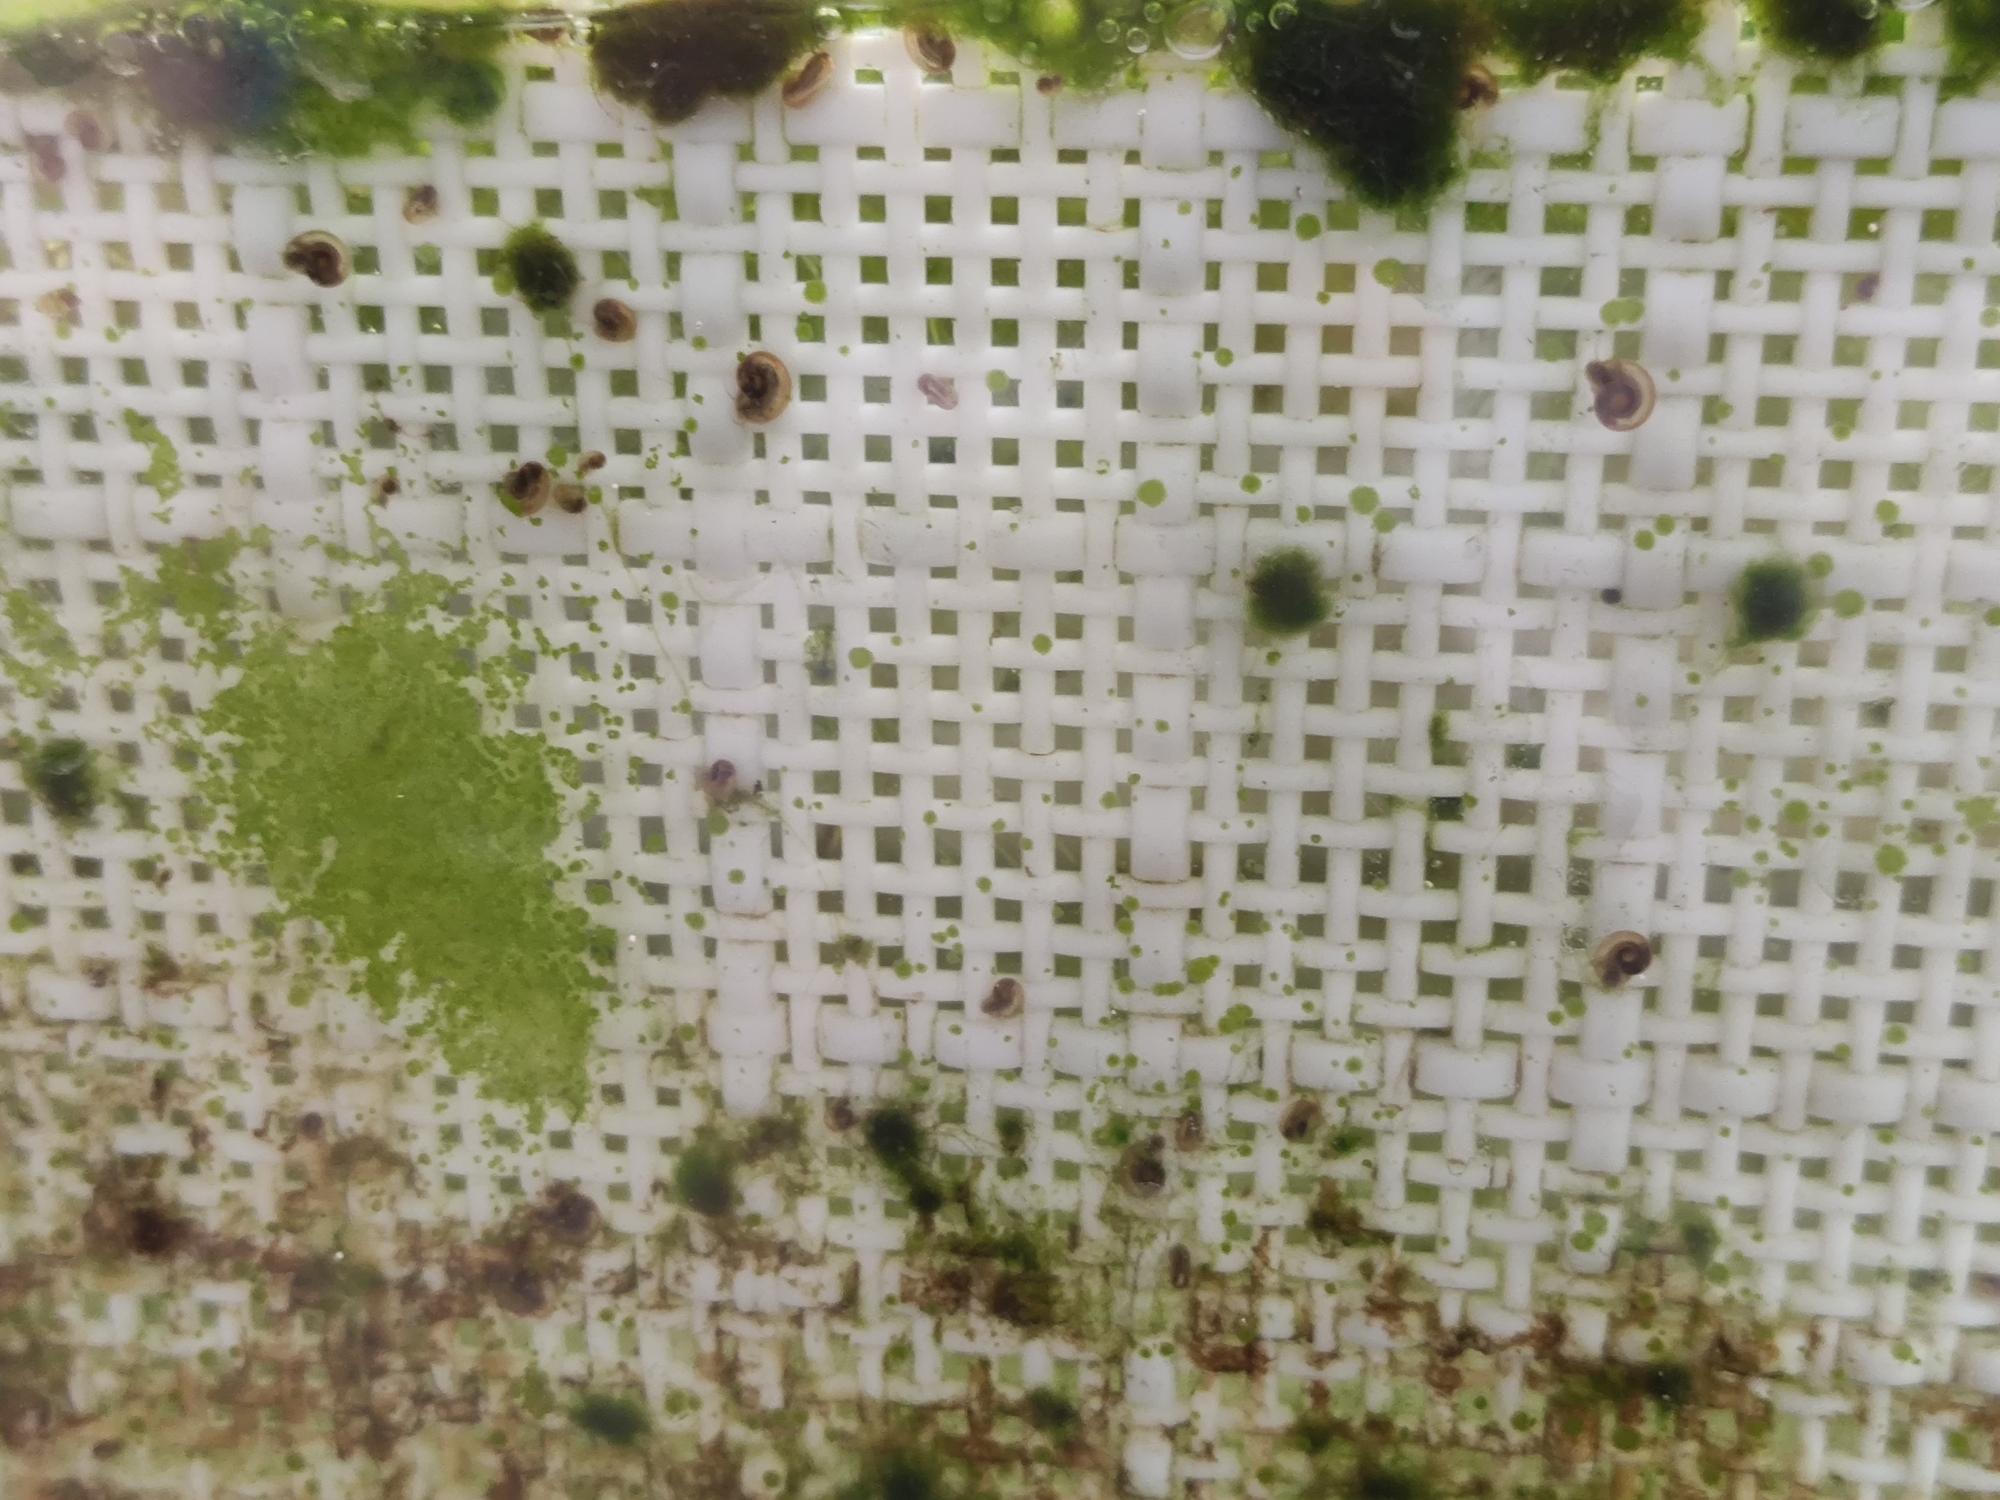 褐藻为何消失了? 台州水族批发市场 台州水族批发市场第5张